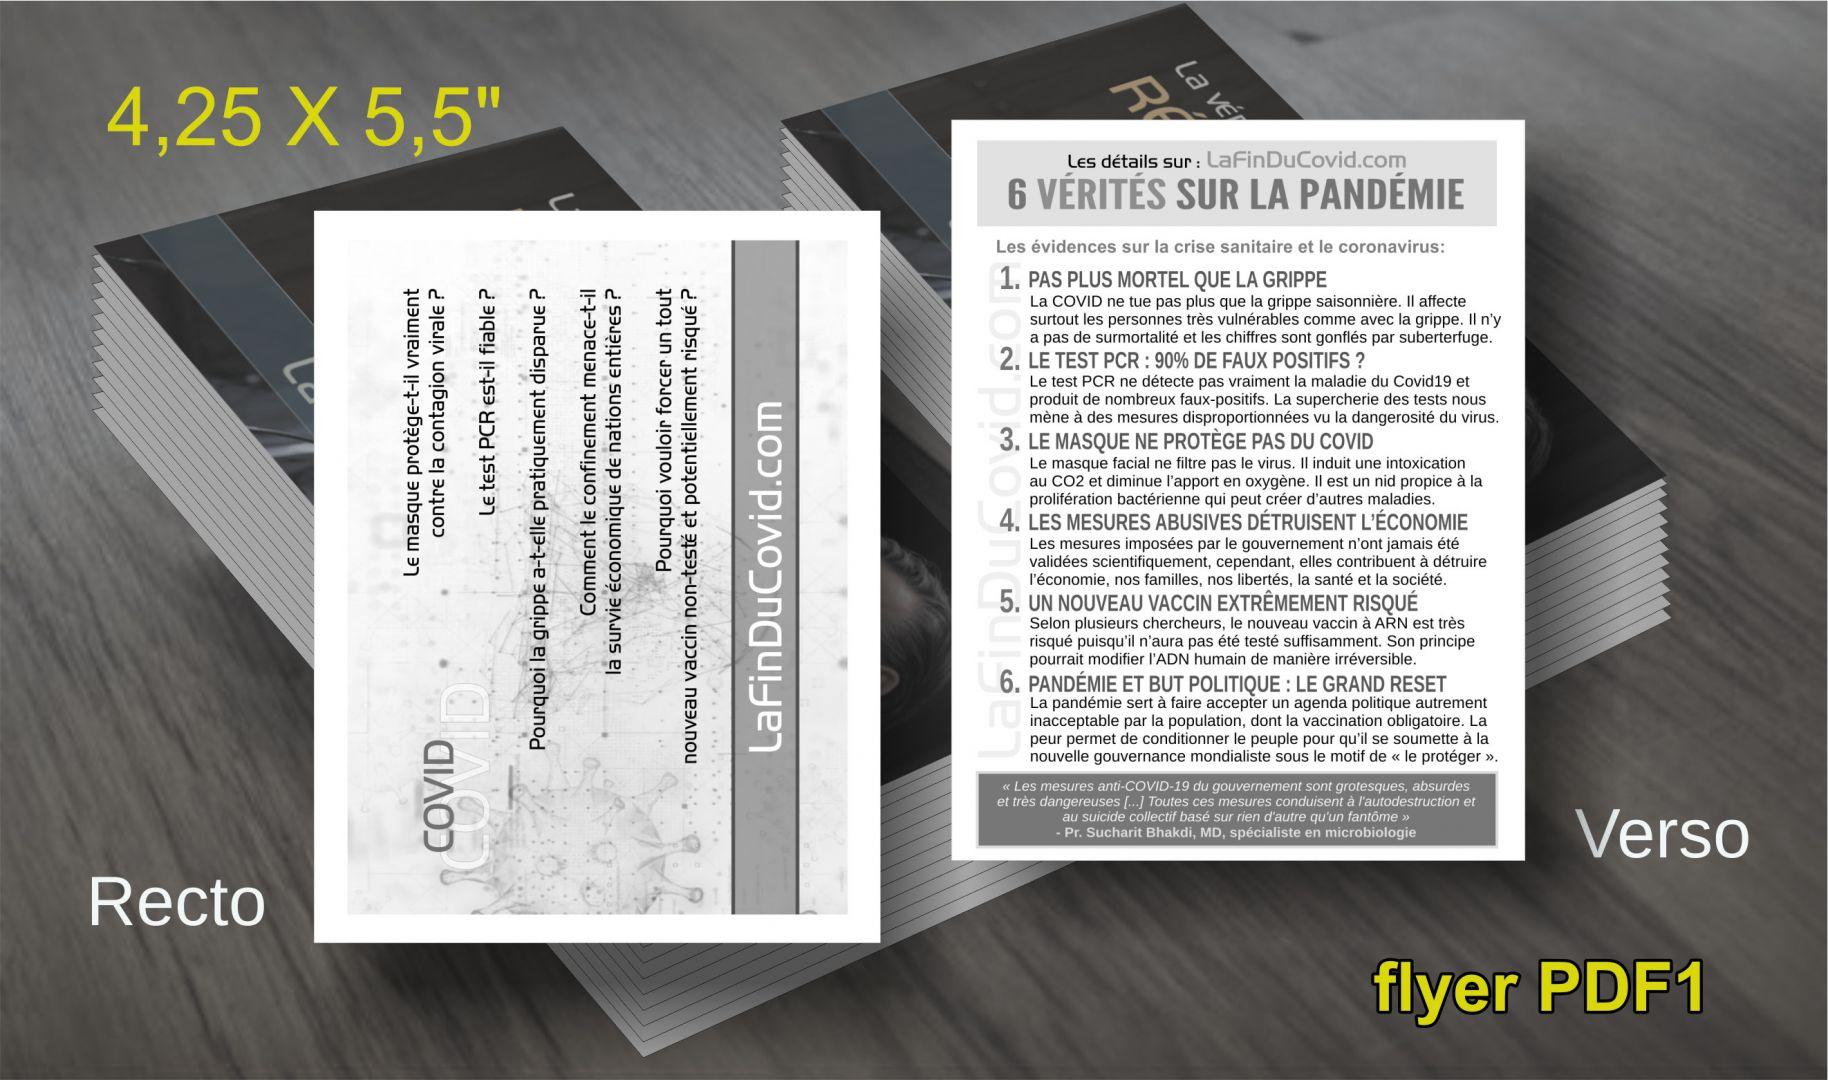 Flyer (à imprimer) 6 vérités sur la pandémie - PDF